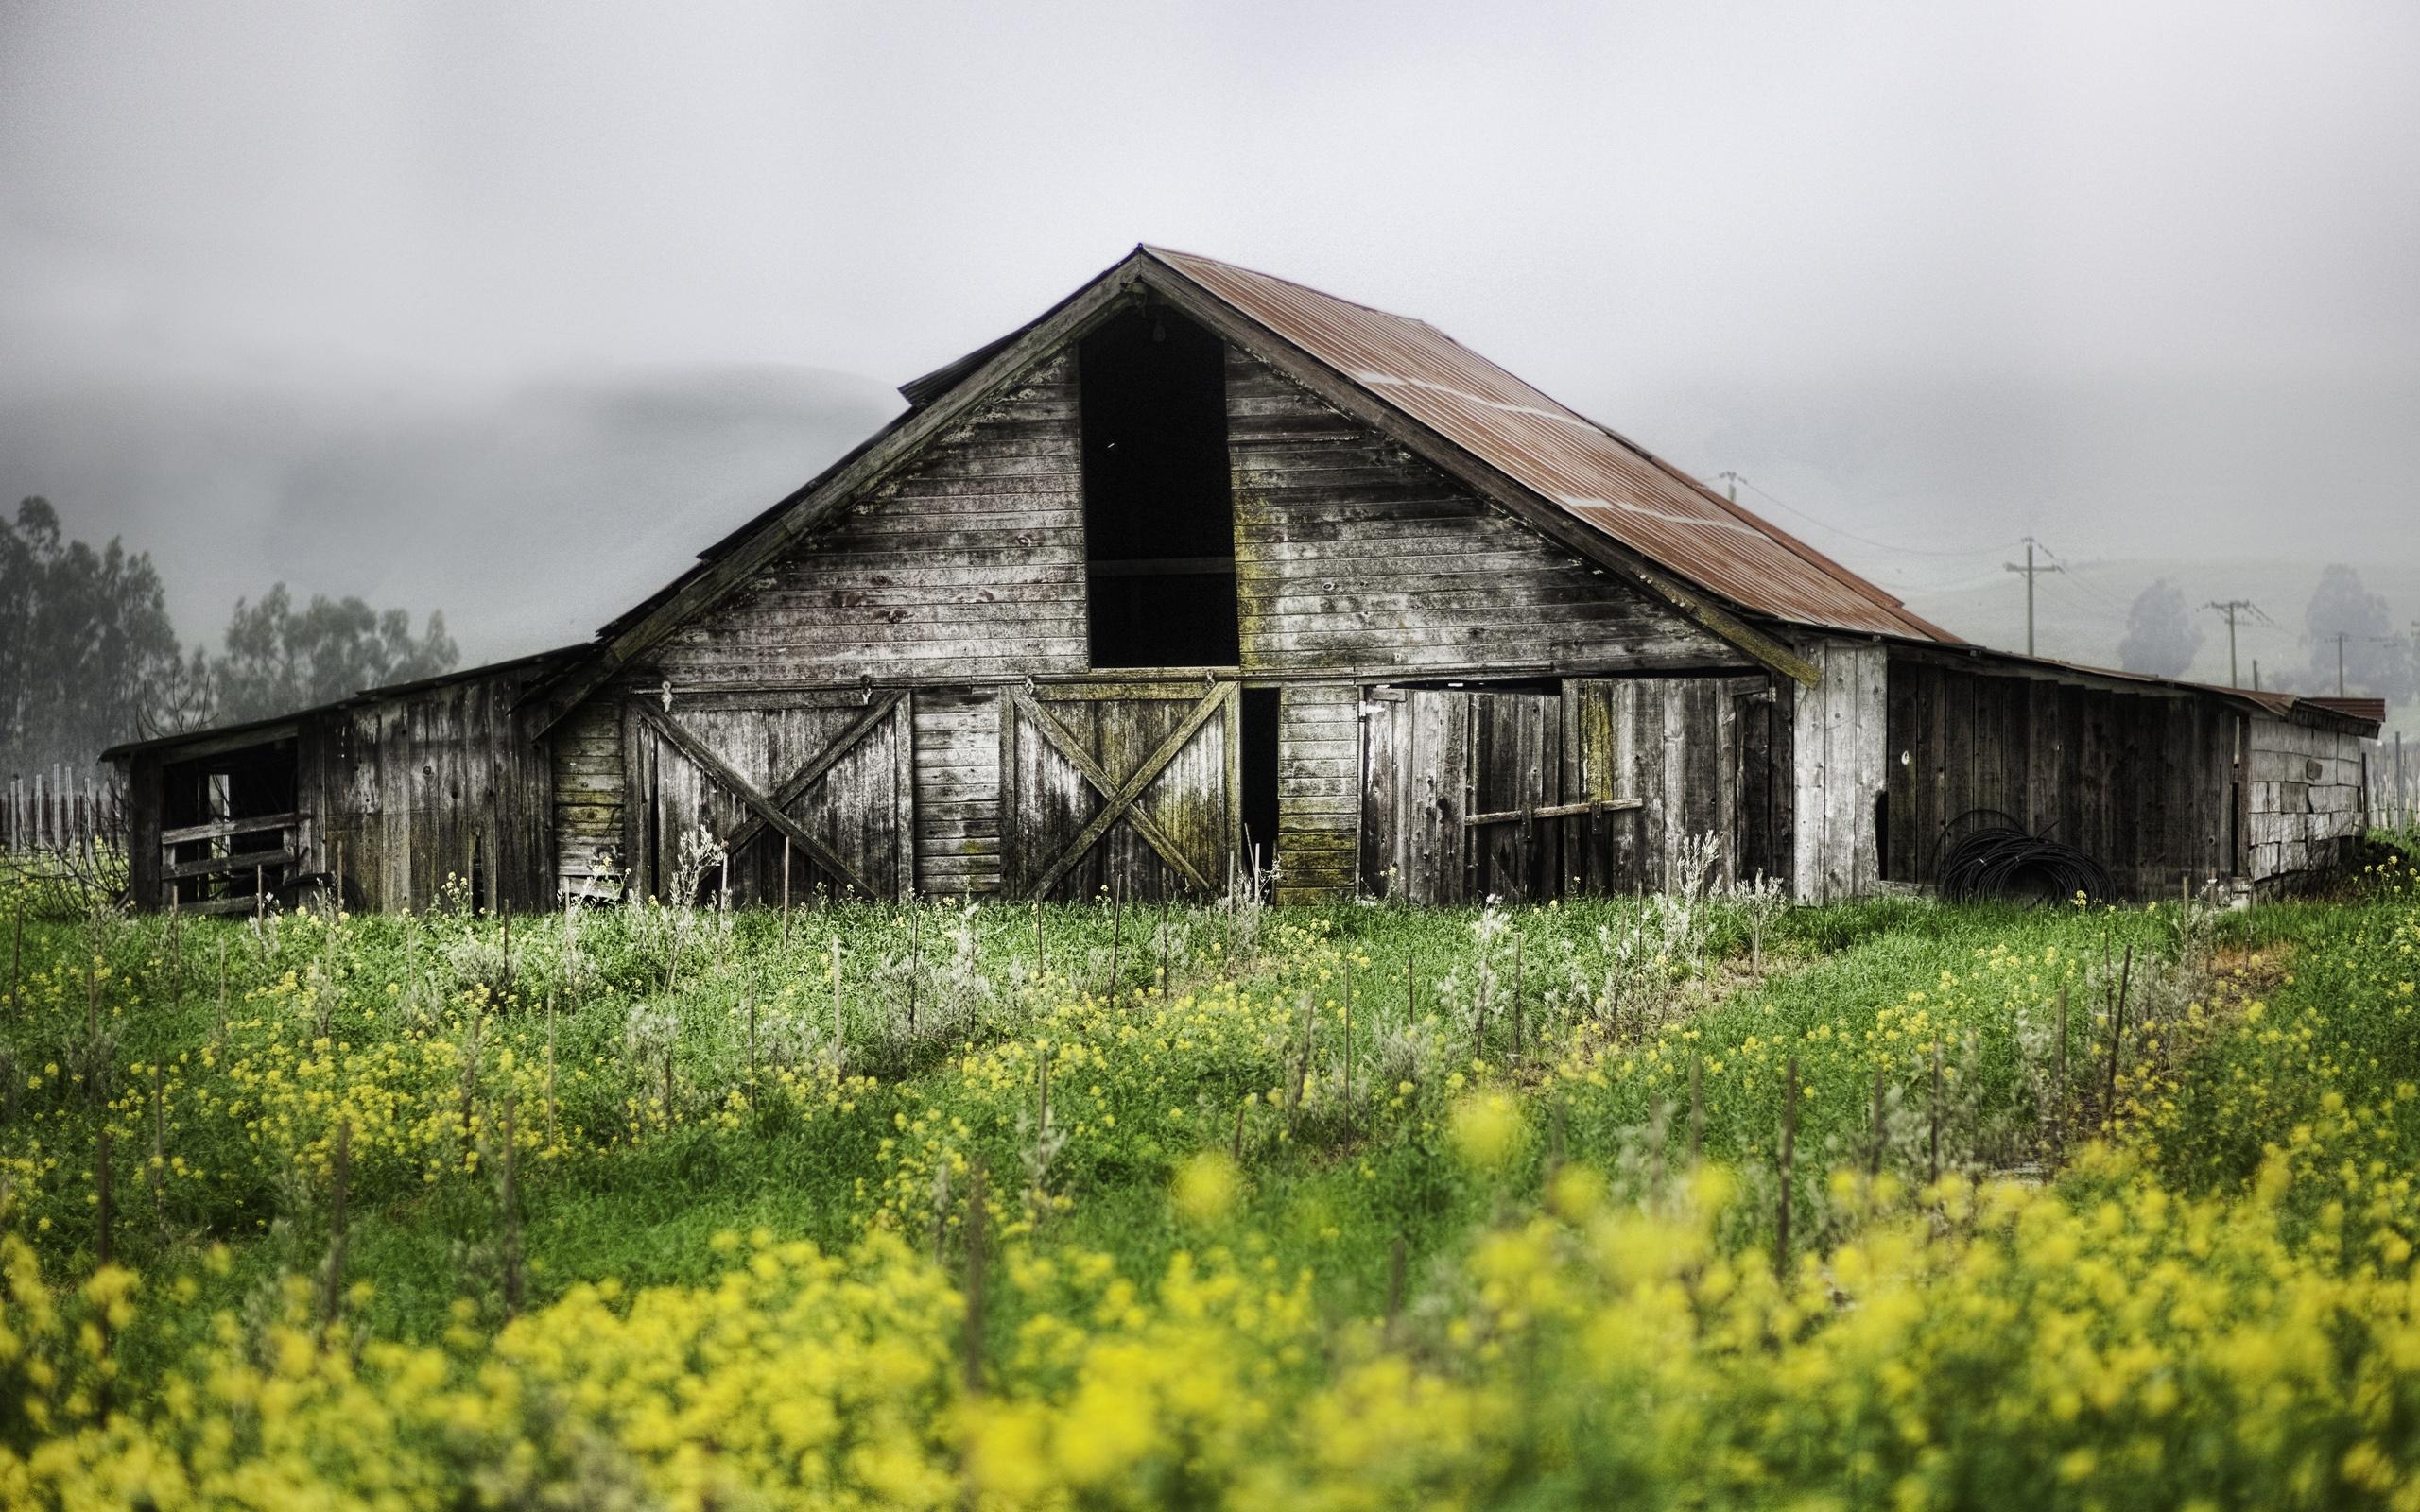 farm homes wallpaper - photo #17